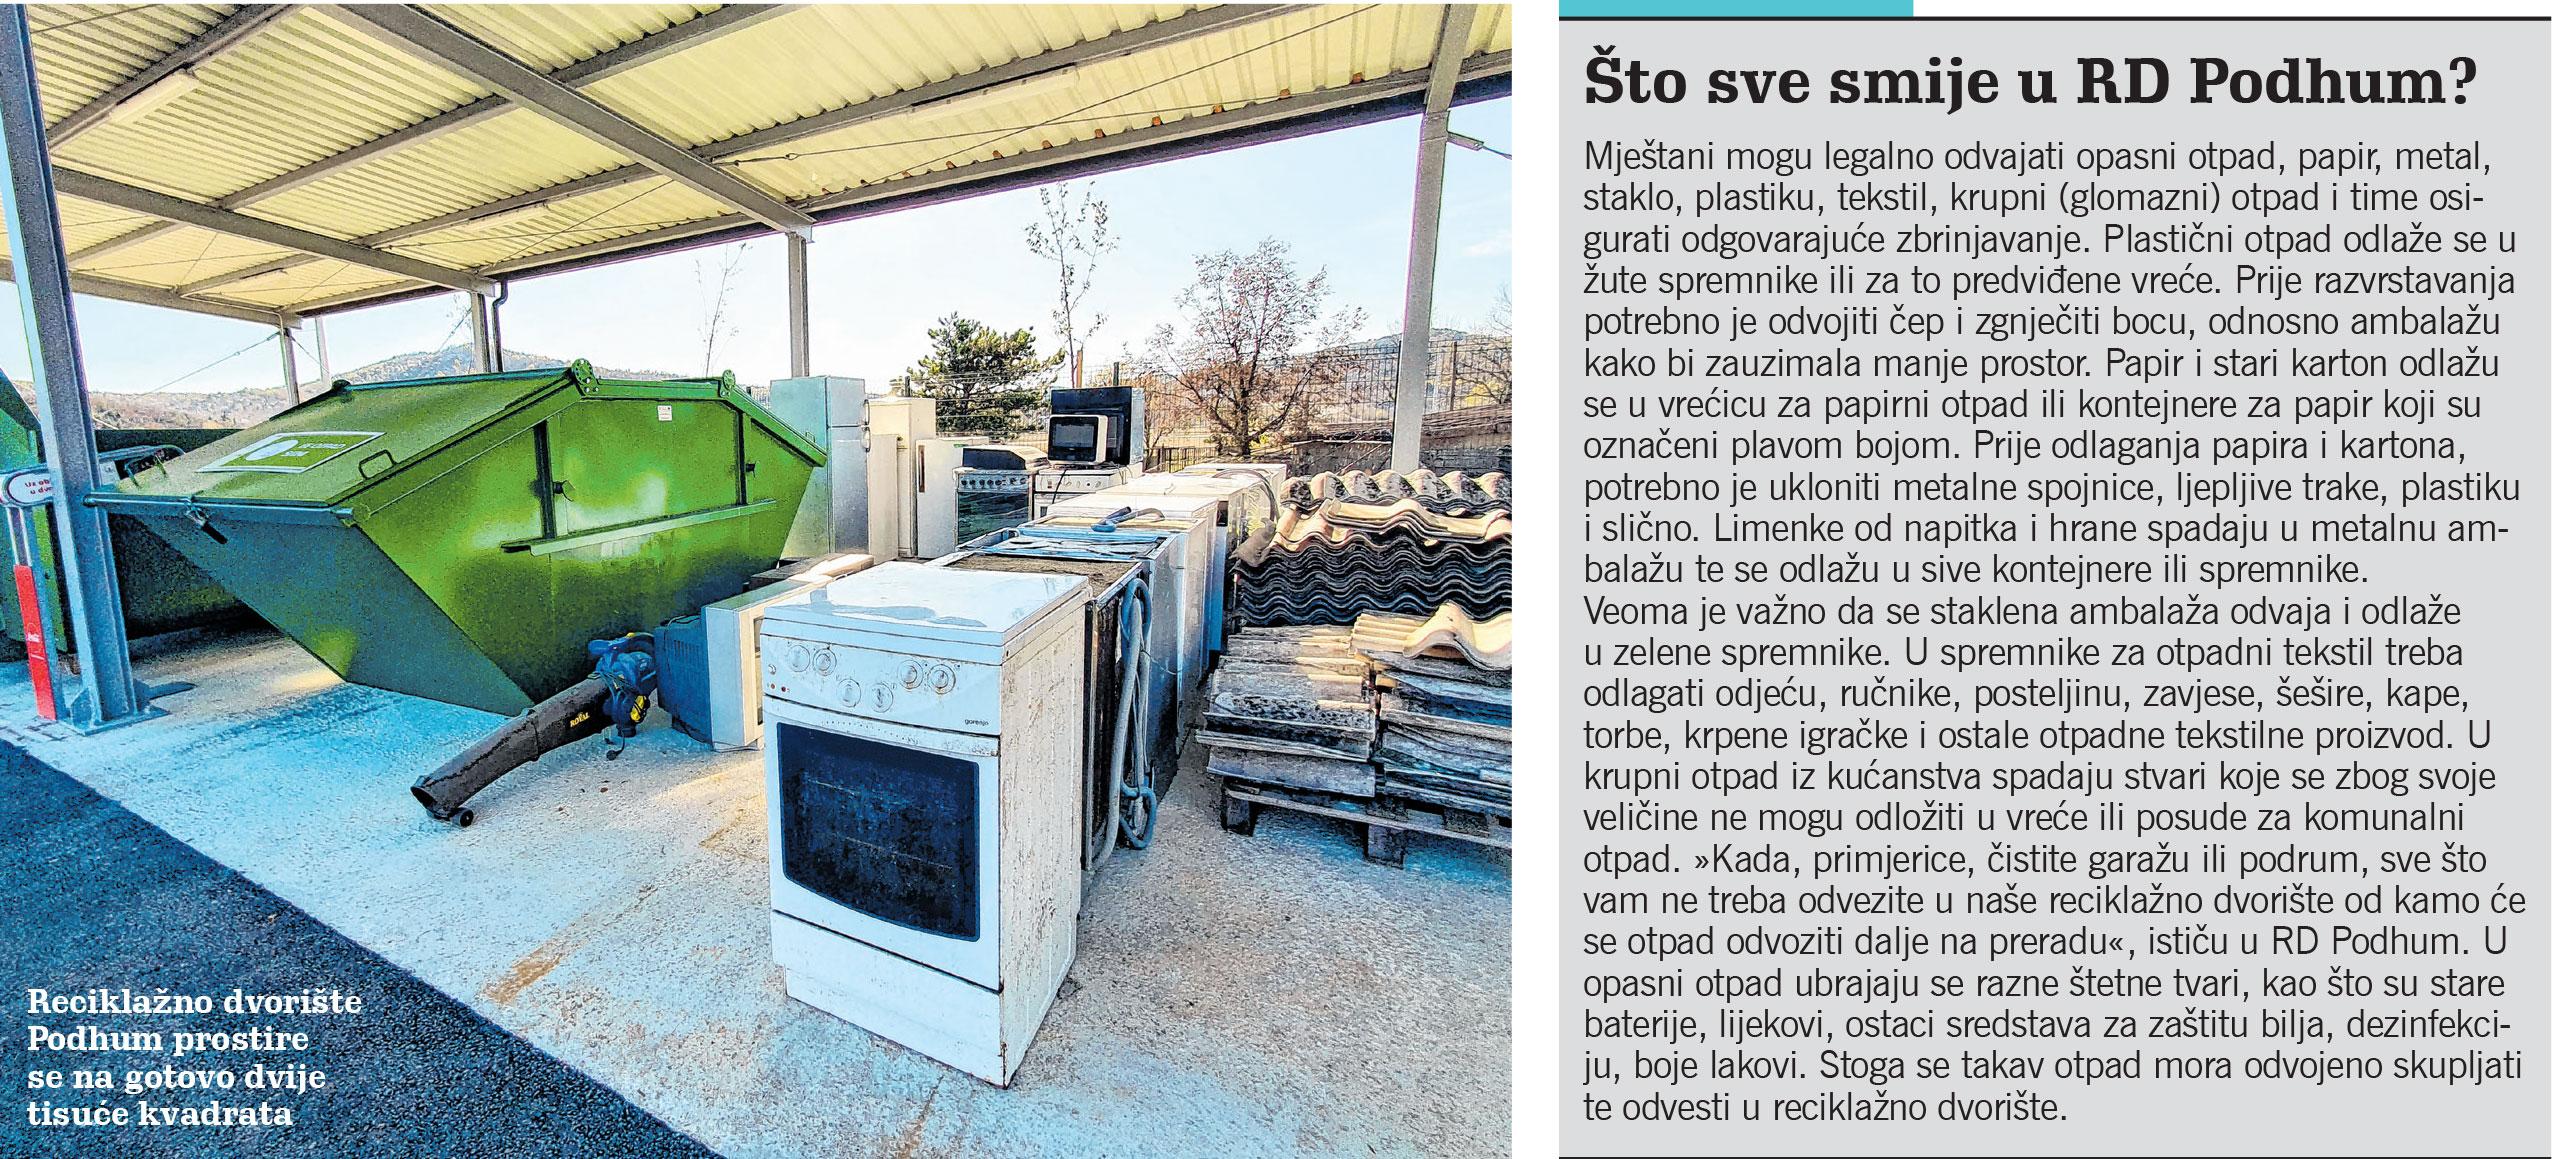 Mještani Jelenja sve više koriste reciklažno dvorište u Podhumu